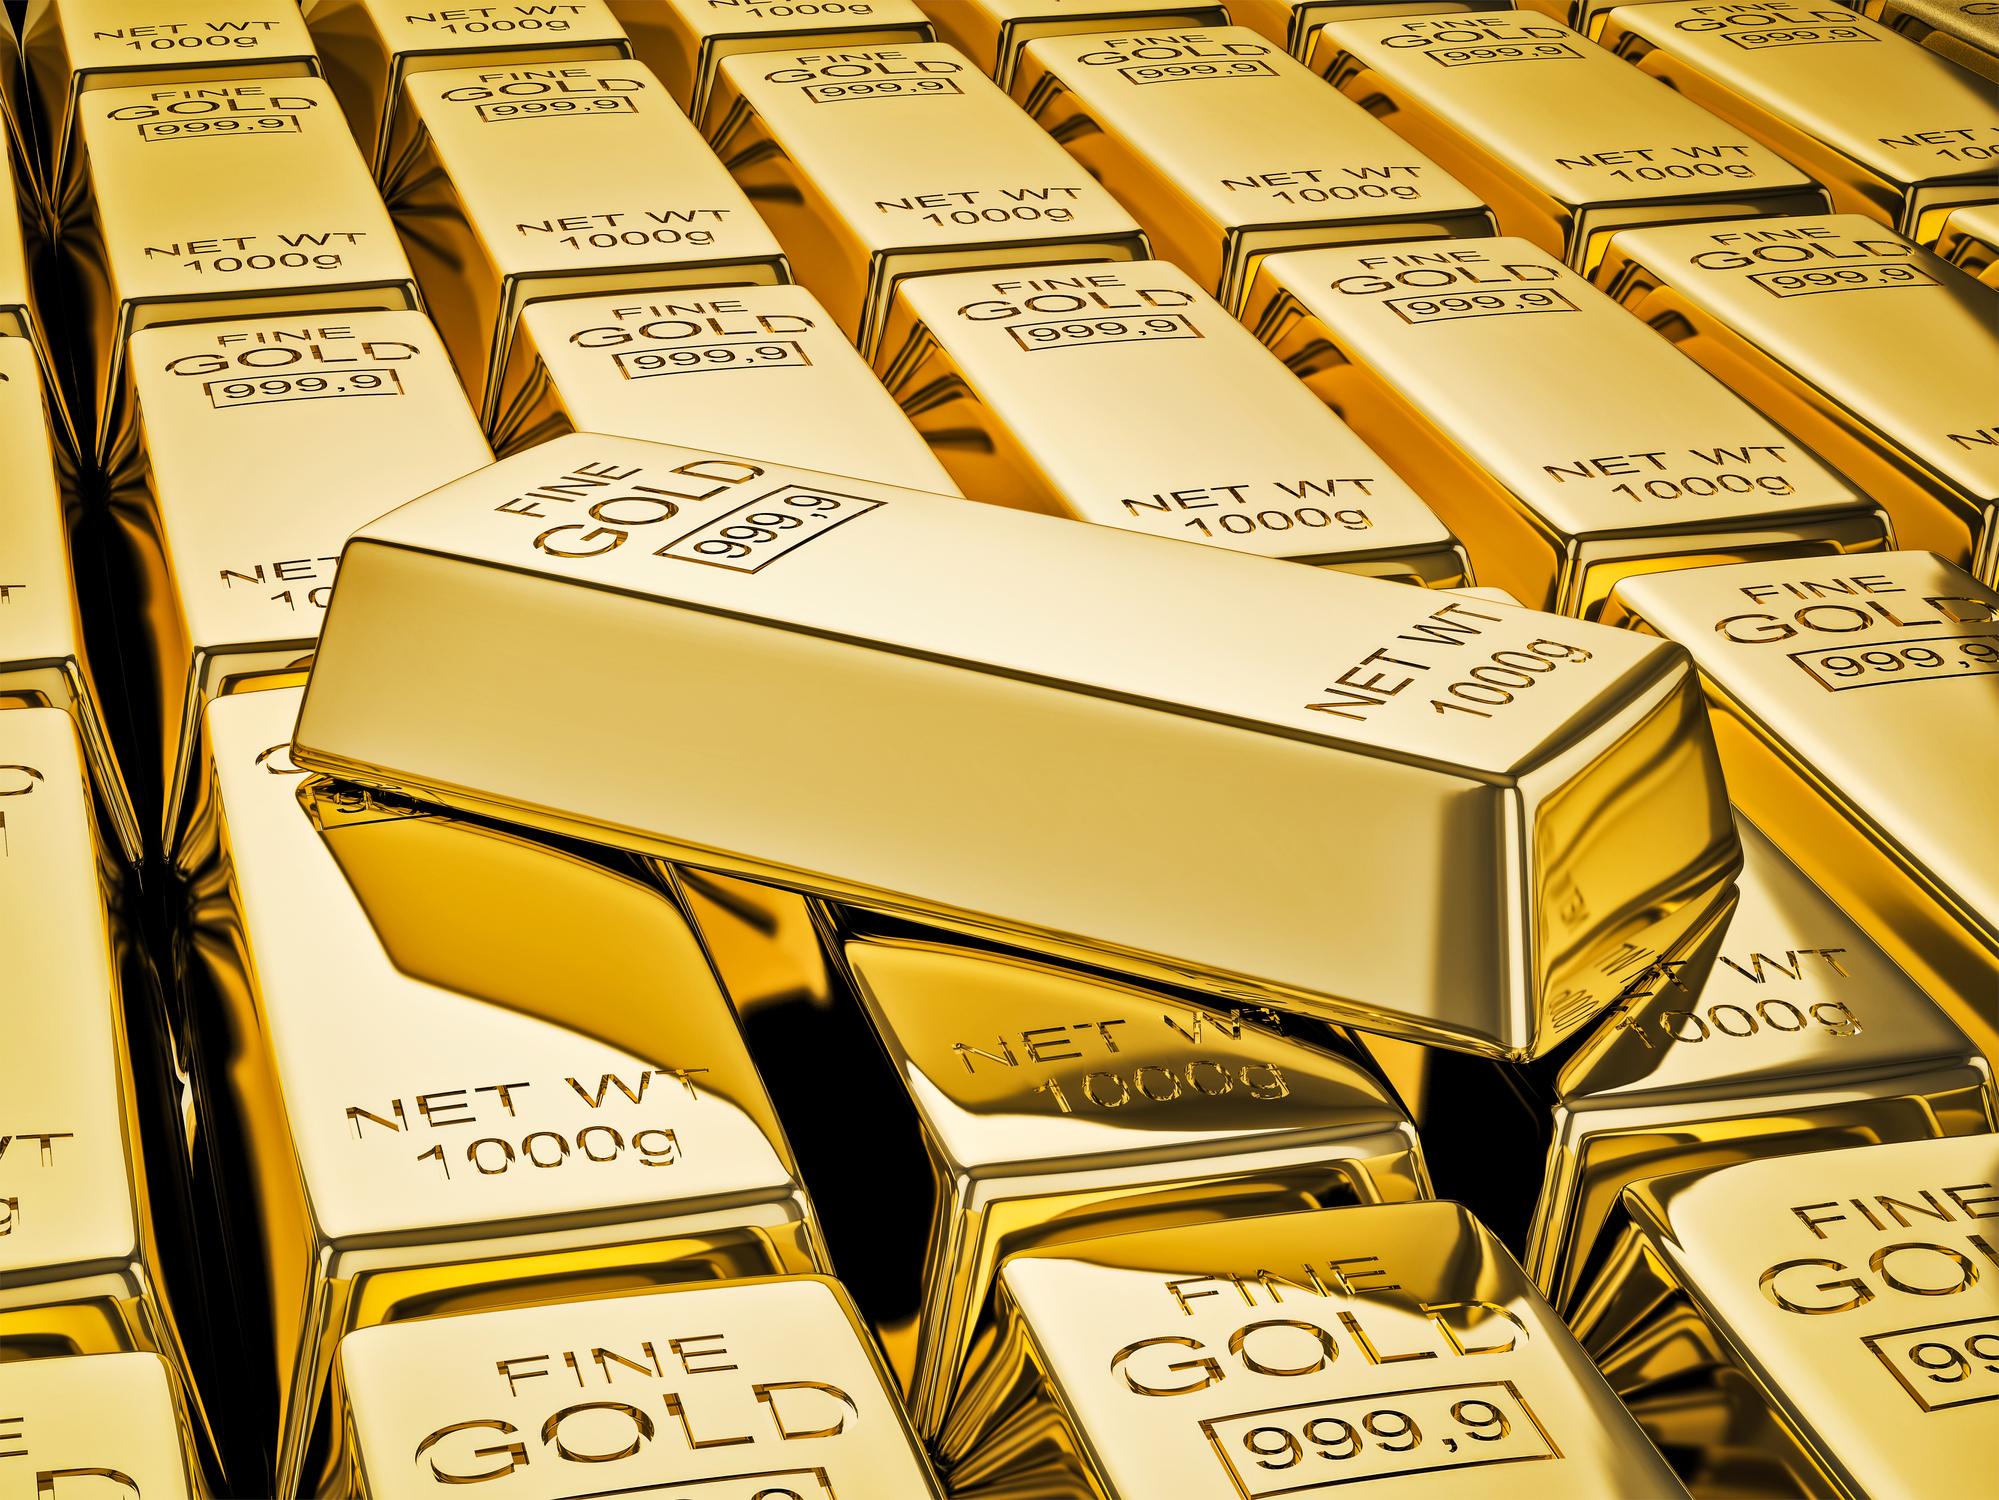 Открытки, картинки с богатством и деньгами слитками золотыми пачки денег